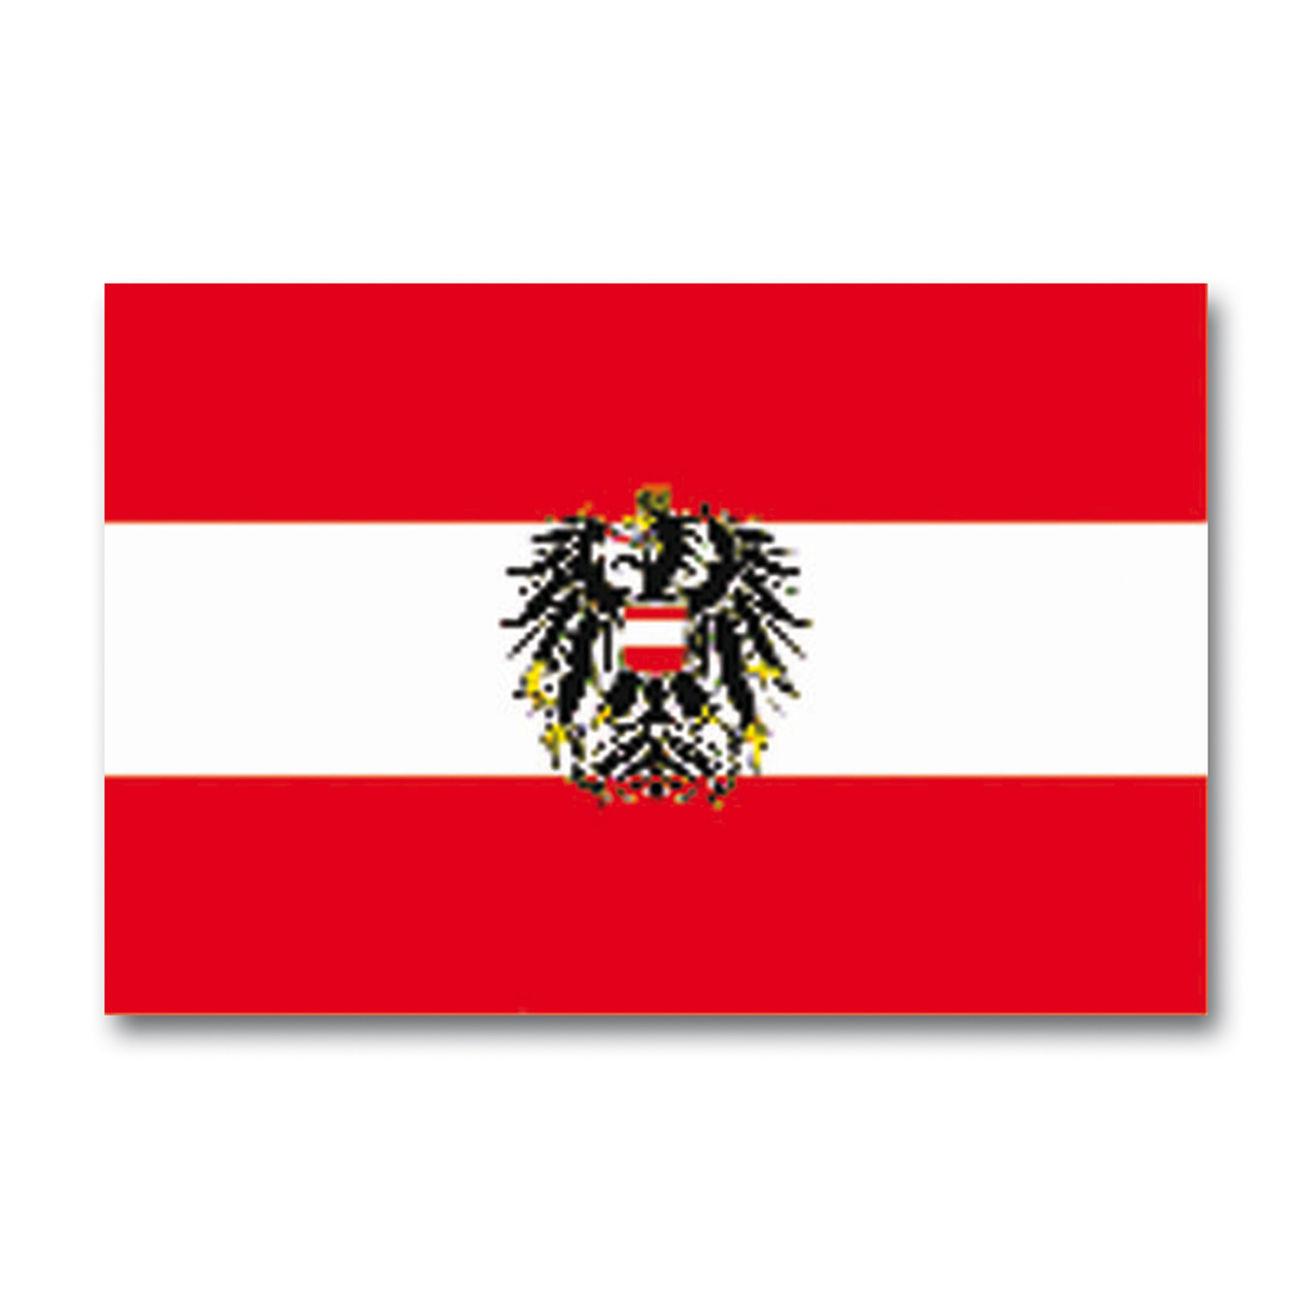 Flagge österreich Günstig Kaufen Kotte Zeller